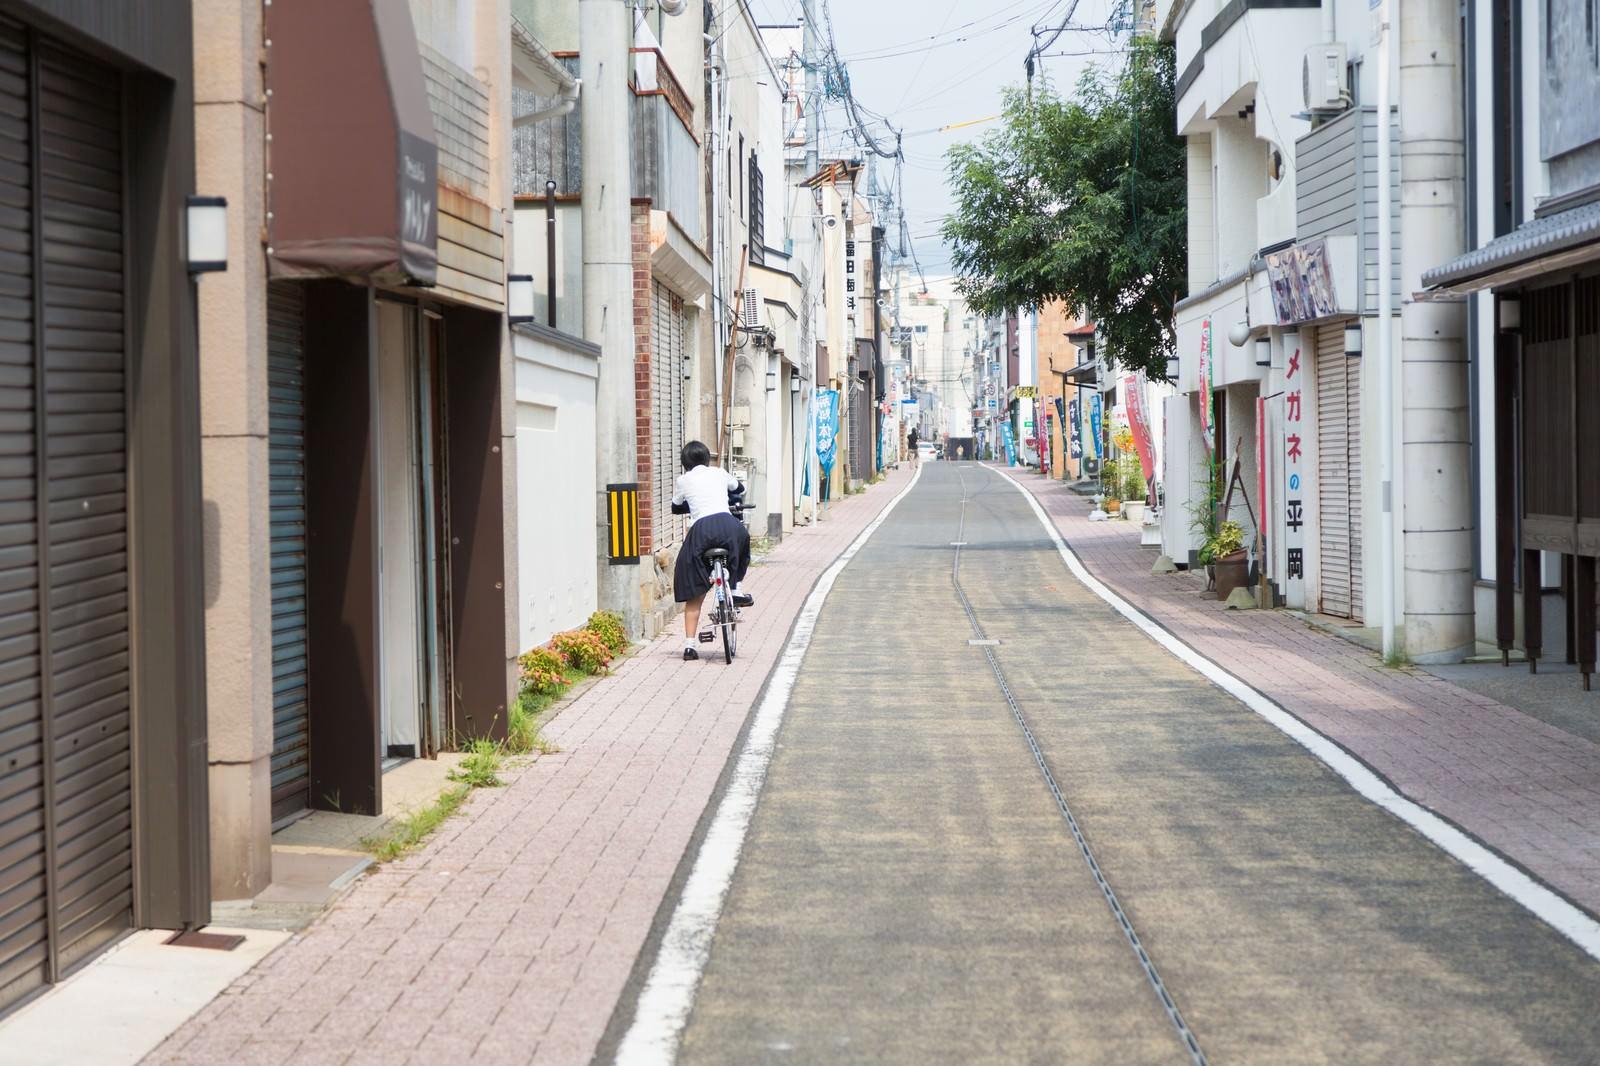 「伊万里市まちなか一番館の通り伊万里市まちなか一番館の通り」のフリー写真素材を拡大